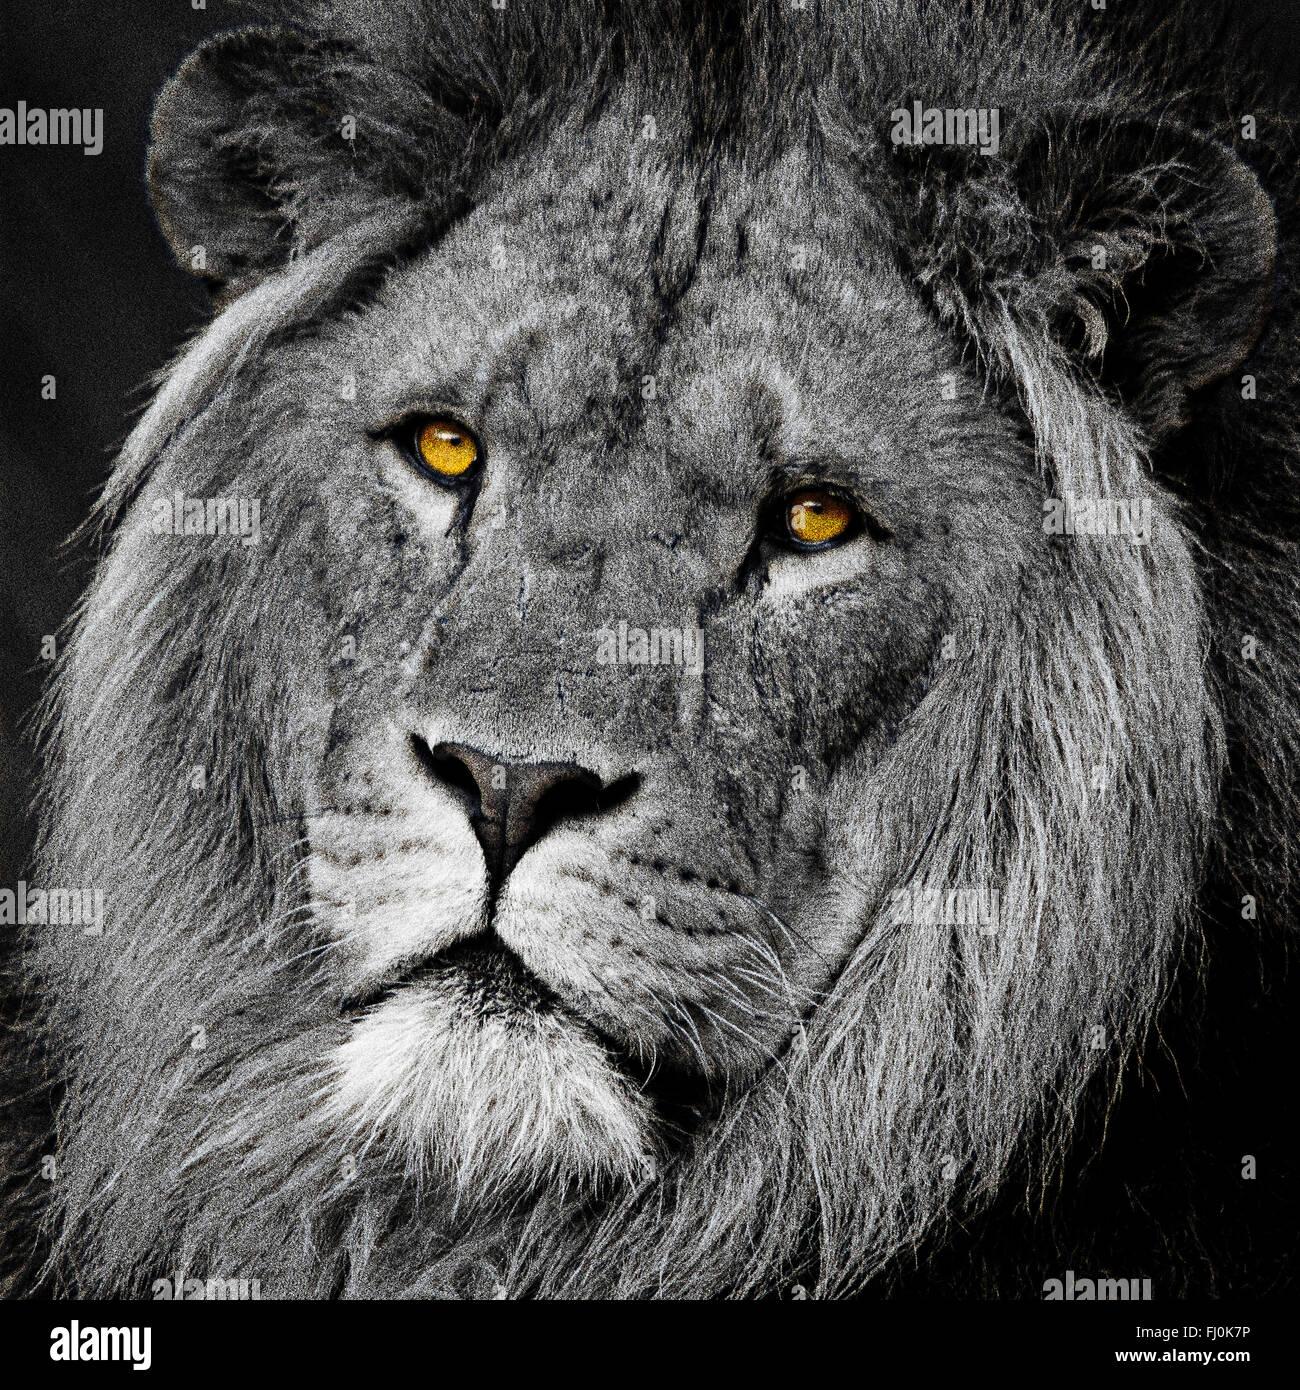 Lion big cat head retrato en blanco y negro de conversión mono con color (color) pop ojos alto detalle de contraste. Cierre de formato cuadrado recortado con impacto Foto de stock